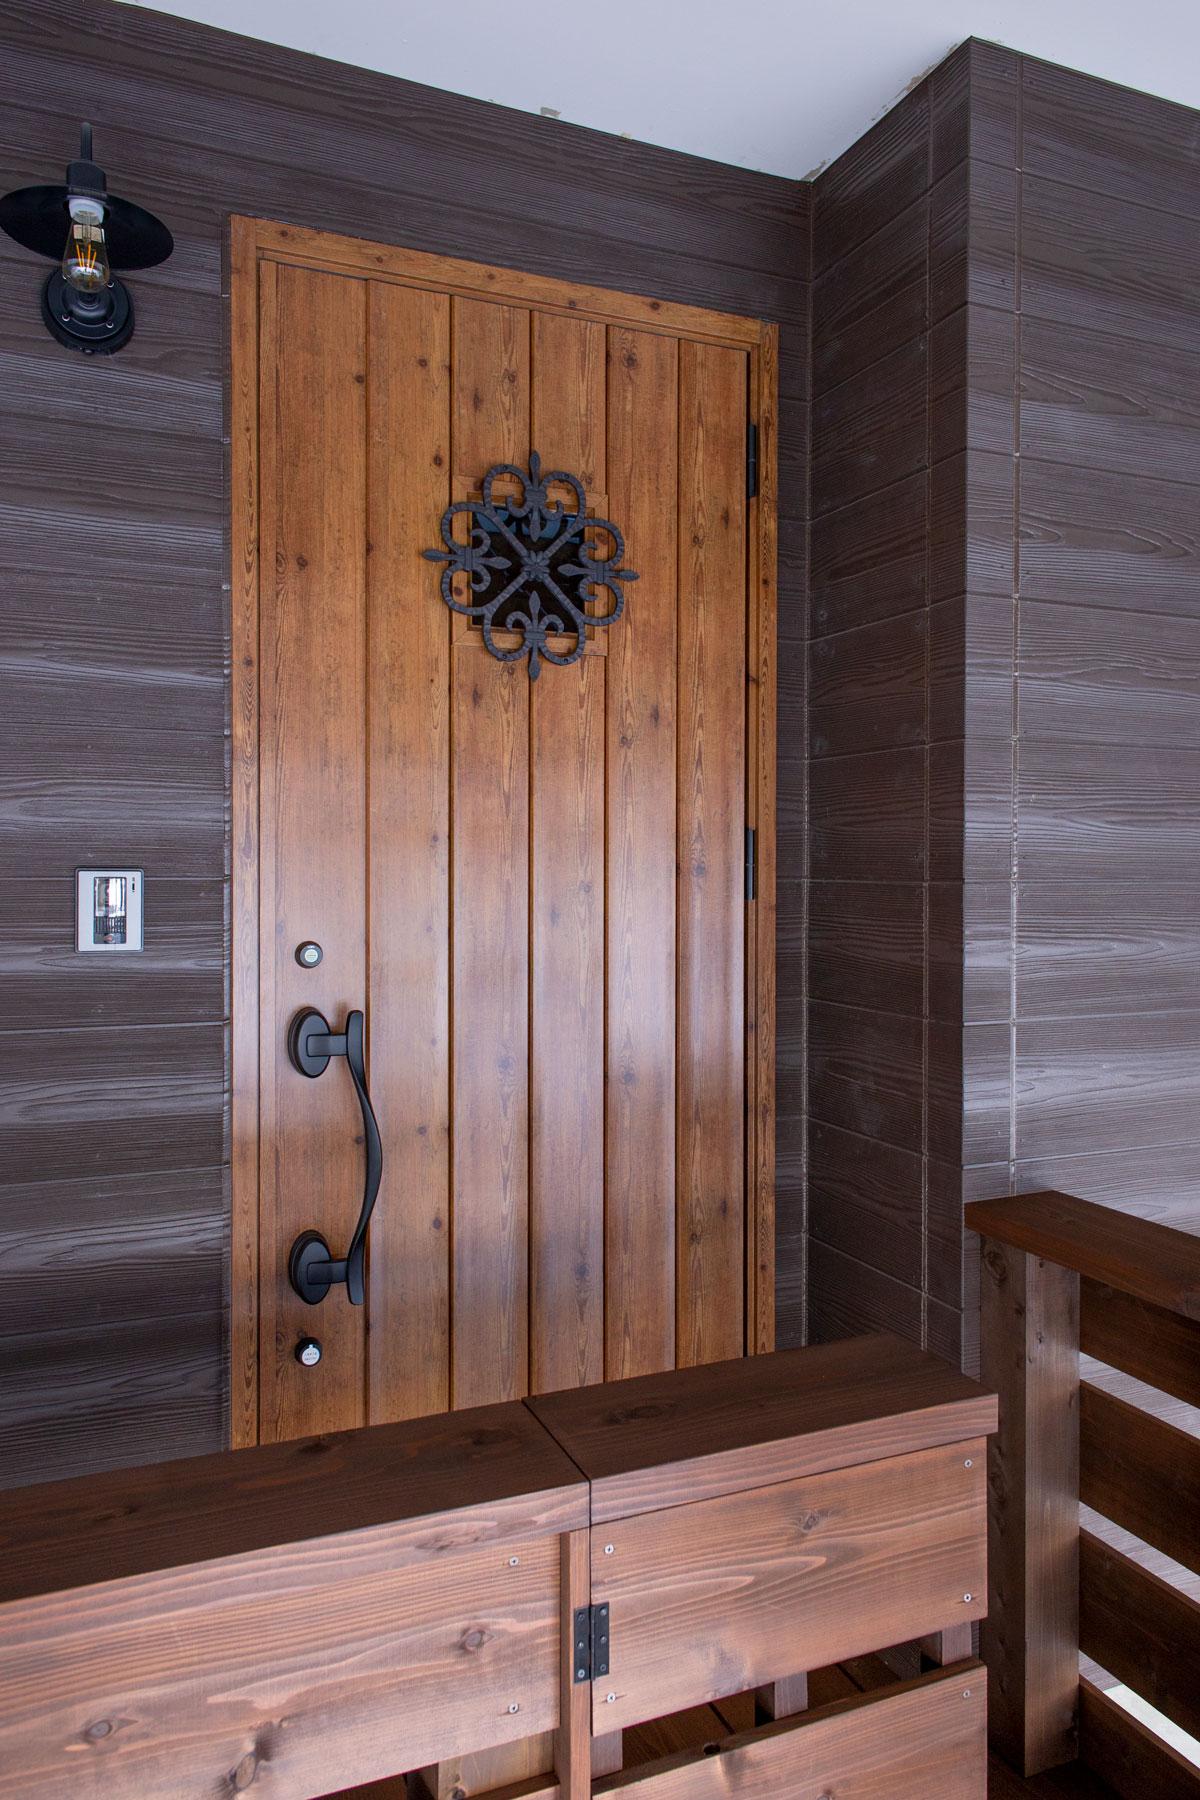 玄関ドア。大好きなネコと暮らす、キャットウォークや専用ドアを設けたノベーションのお家。ウッドデッキやDIYのペイント、収納やディスプレイに活躍するパンチングボードも活用しています。(遊佐町)【酒田鶴岡で新築、デザイン住宅、リノベーションの工務店 ナチュラル工房伊藤住宅】